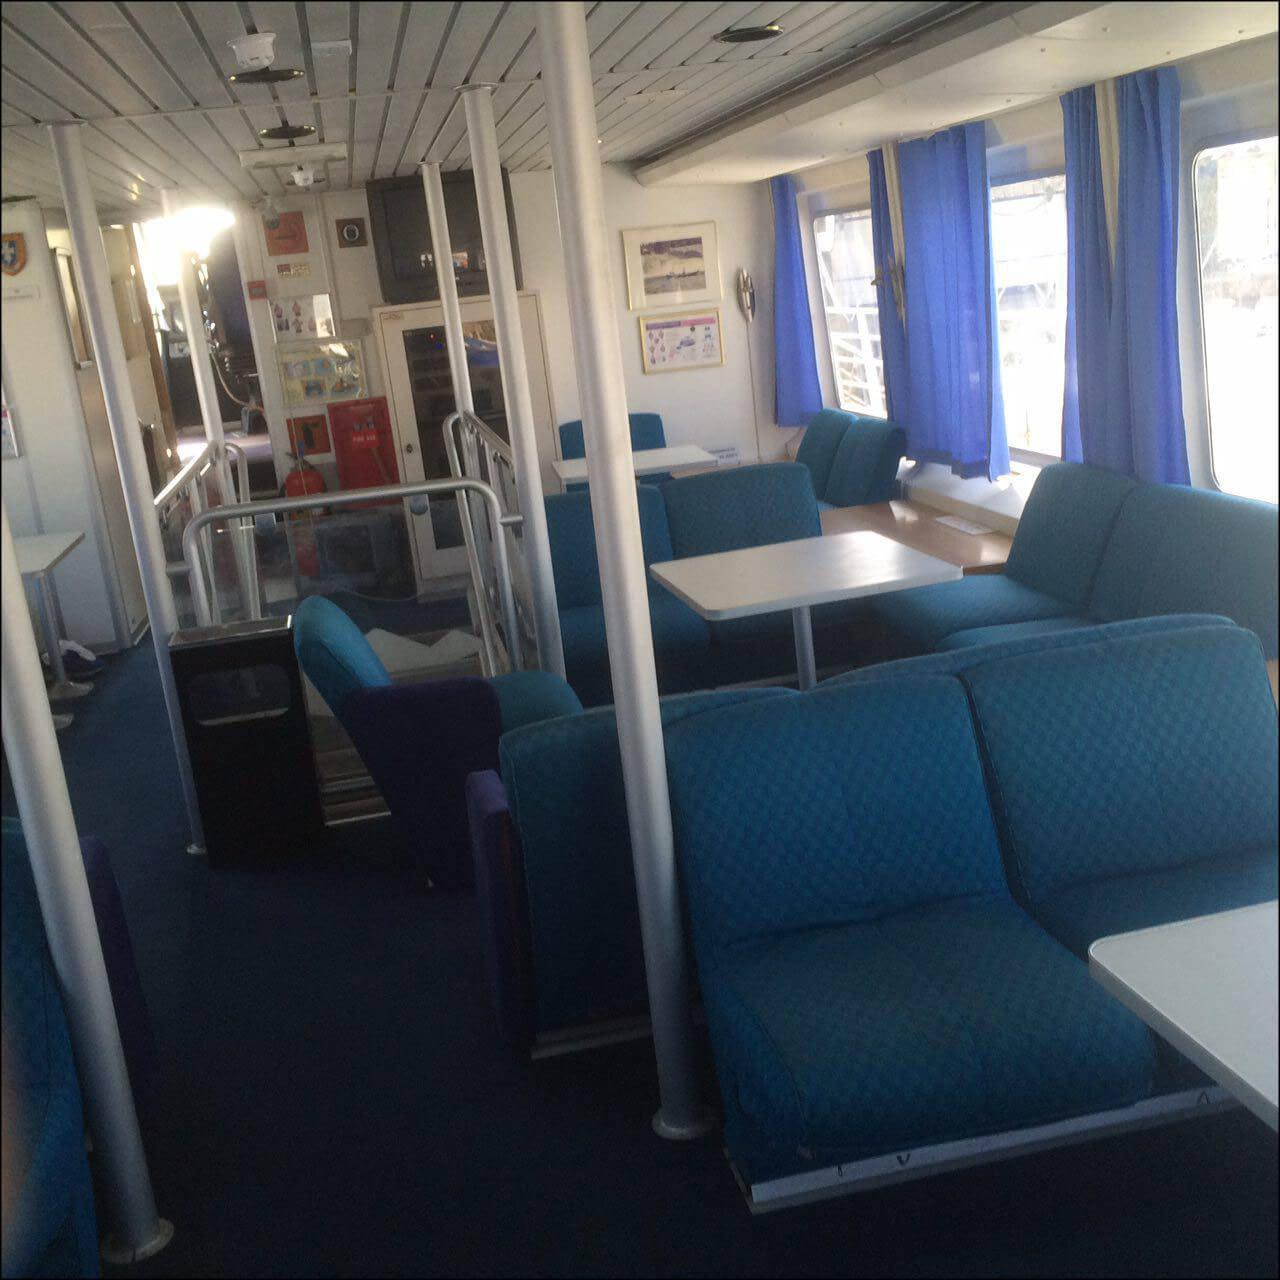 اجاره کشتی مسافربری کشتی مسافربری اجاره کشتی مسافربری photo 2017 03 12 09 28 13 copy